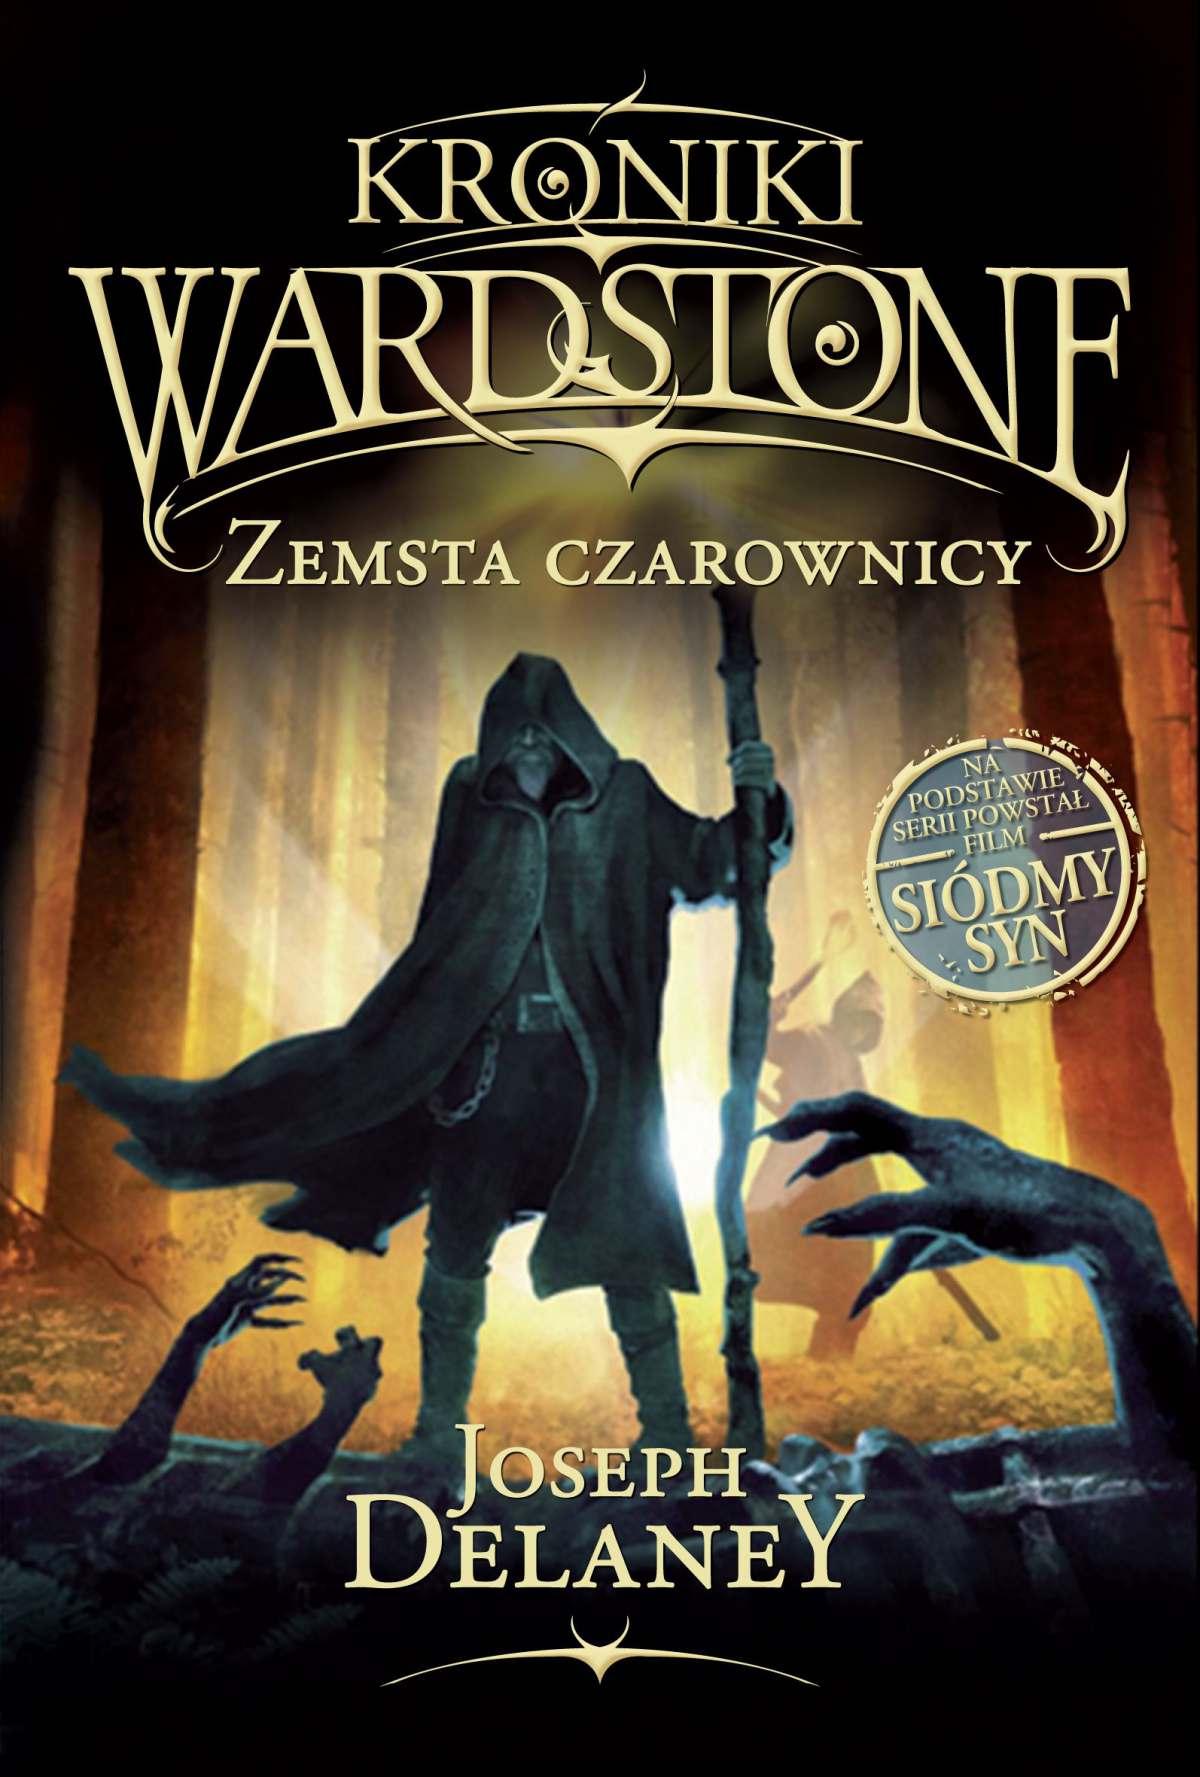 Kroniki Wardstone 1. Zemsta czarownicy - Ebook (Książka na Kindle) do pobrania w formacie MOBI